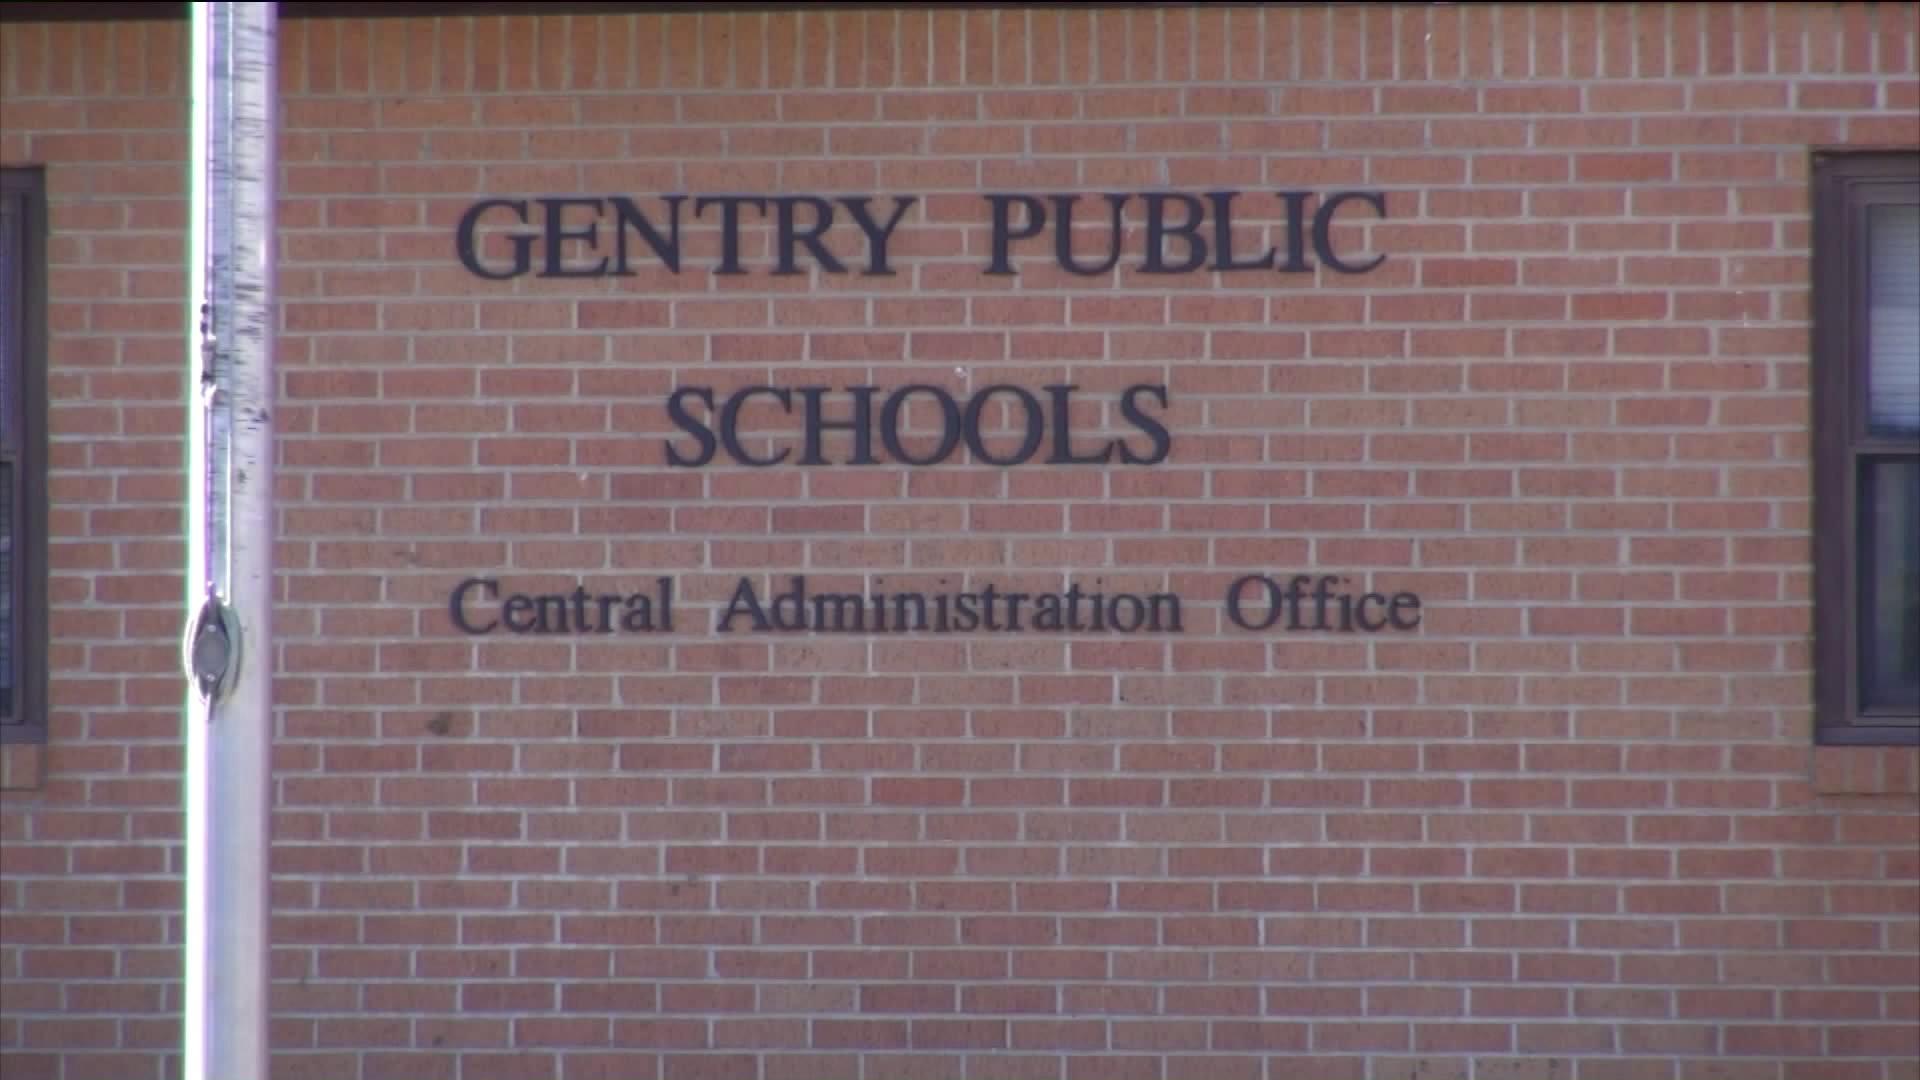 gentry-public-schools